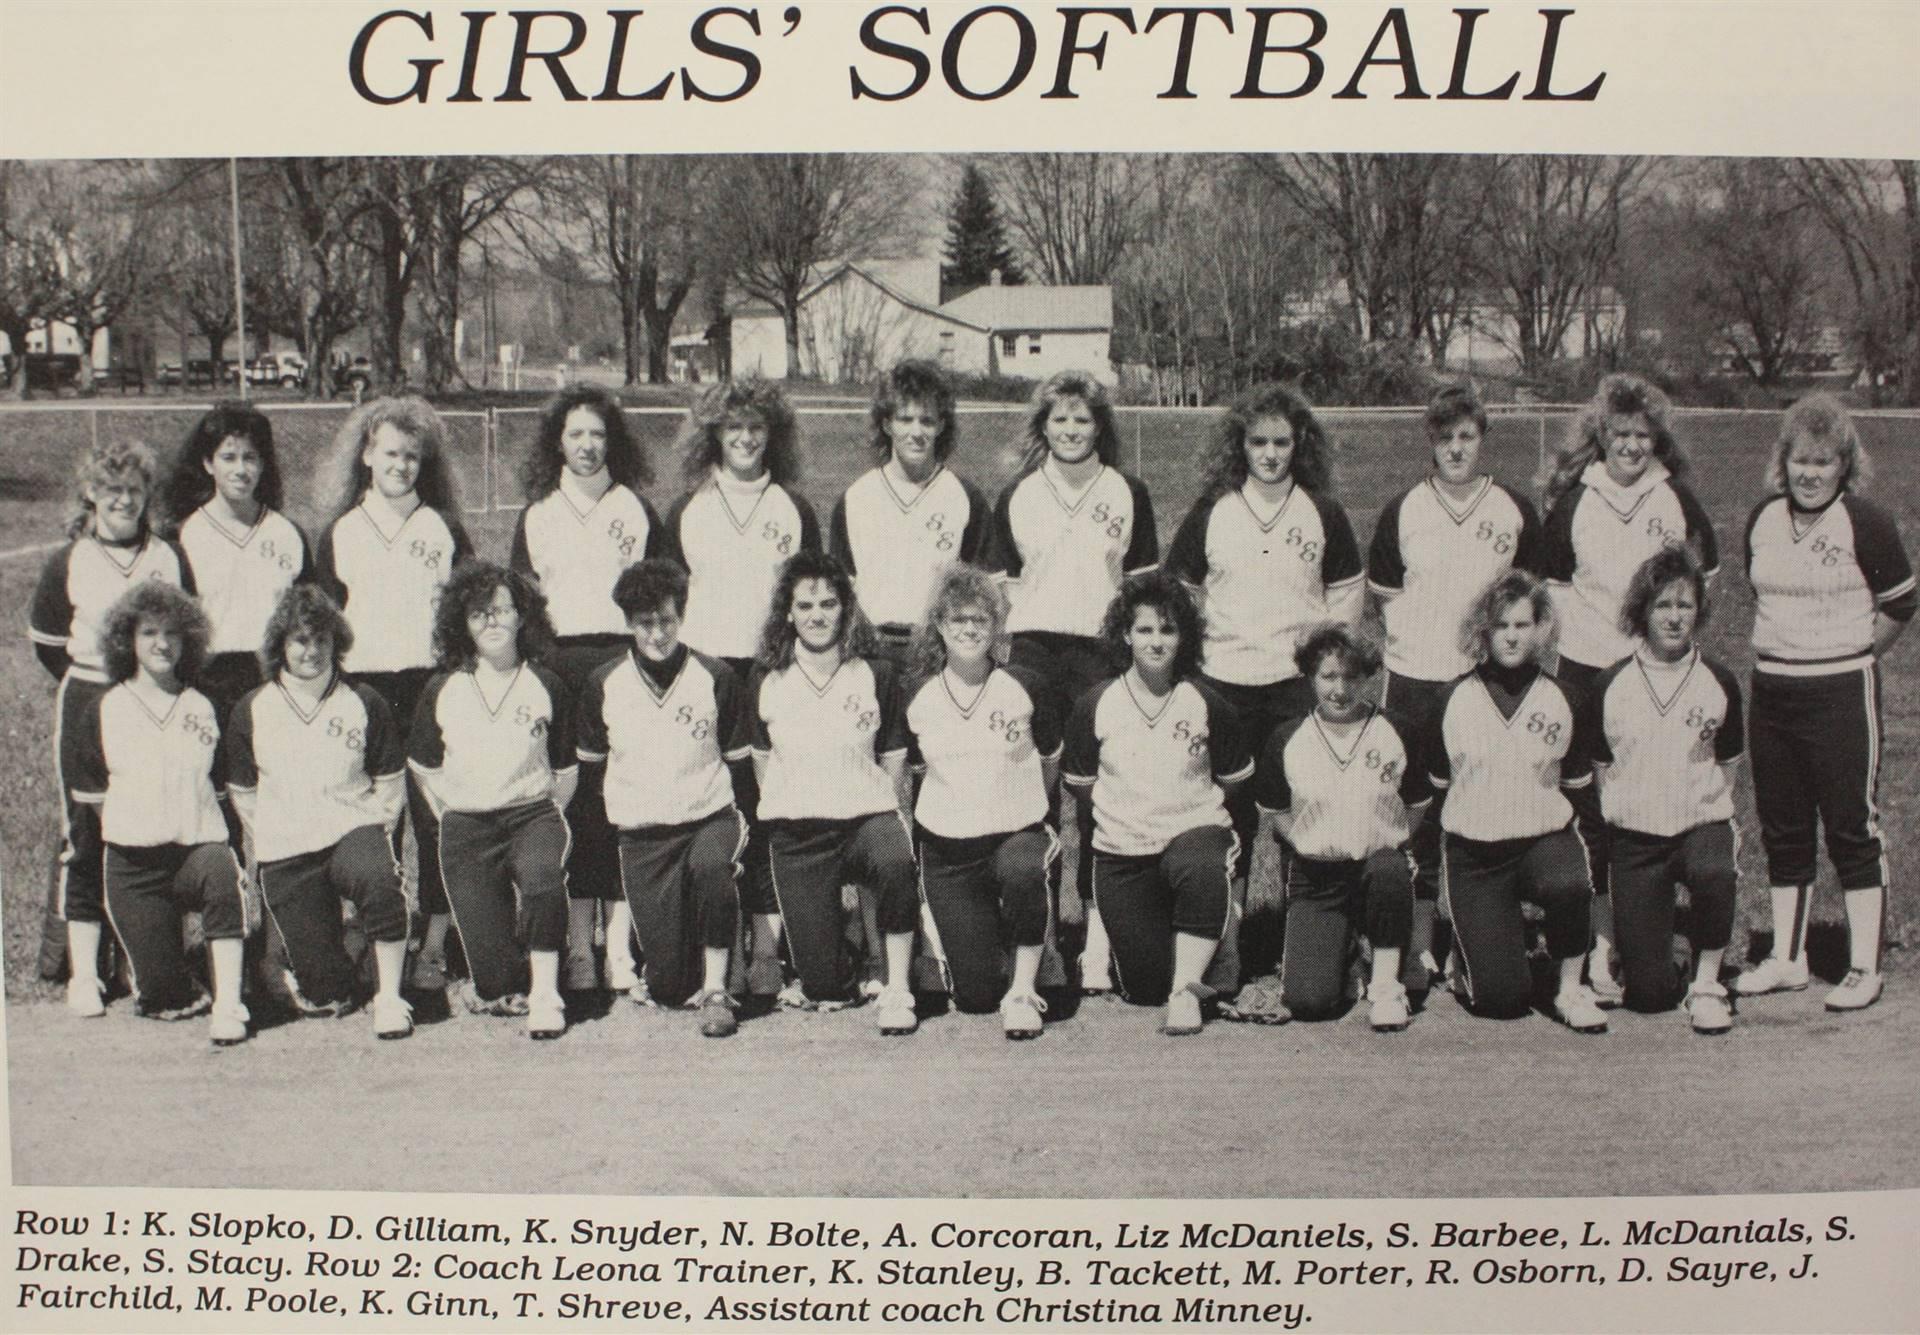 1990 Girls' Softball